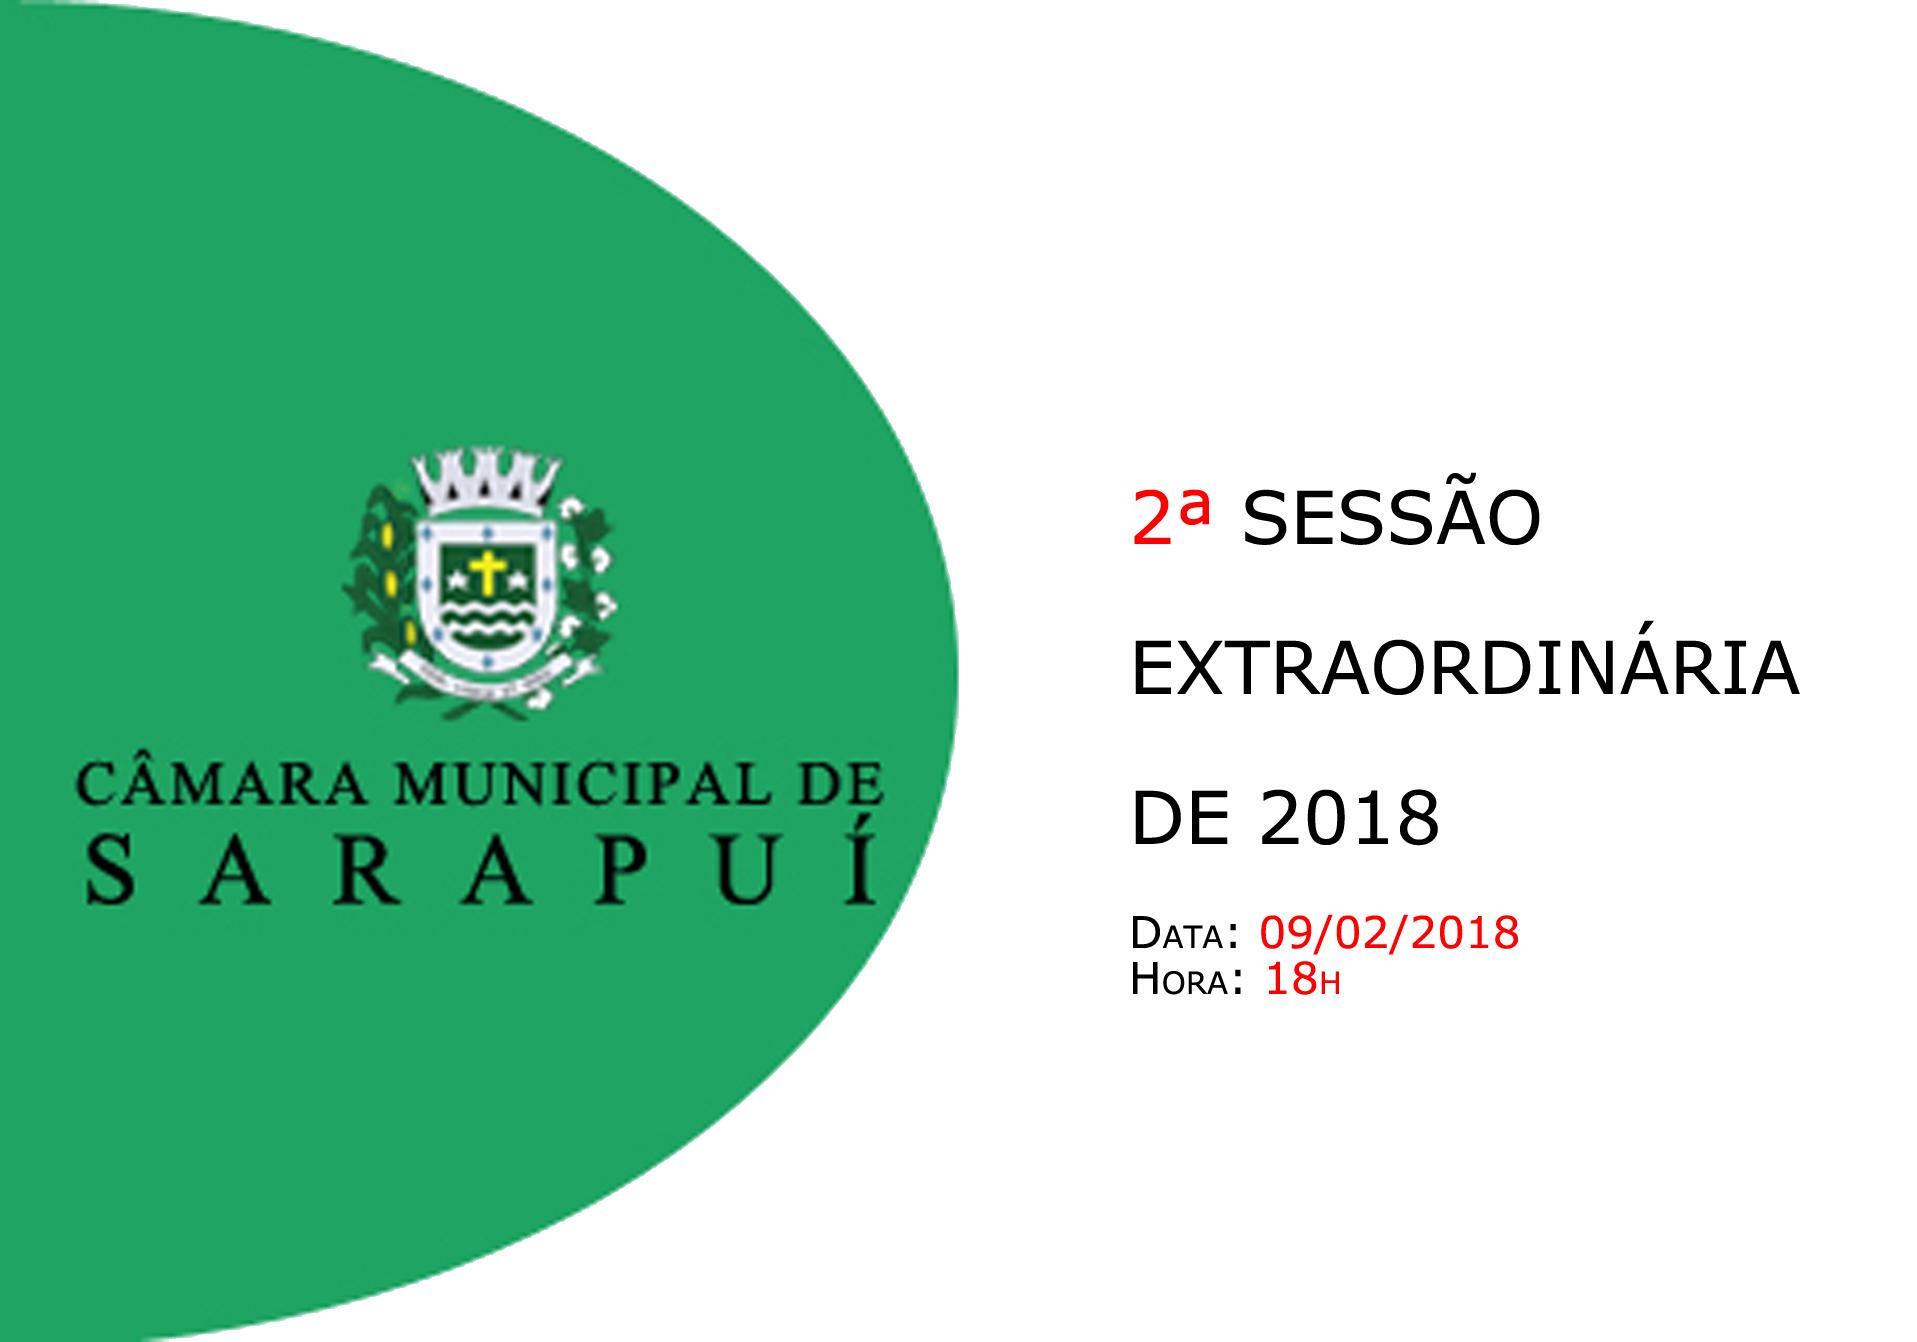 Pauta da 2ª sessão extraordinária de 2018